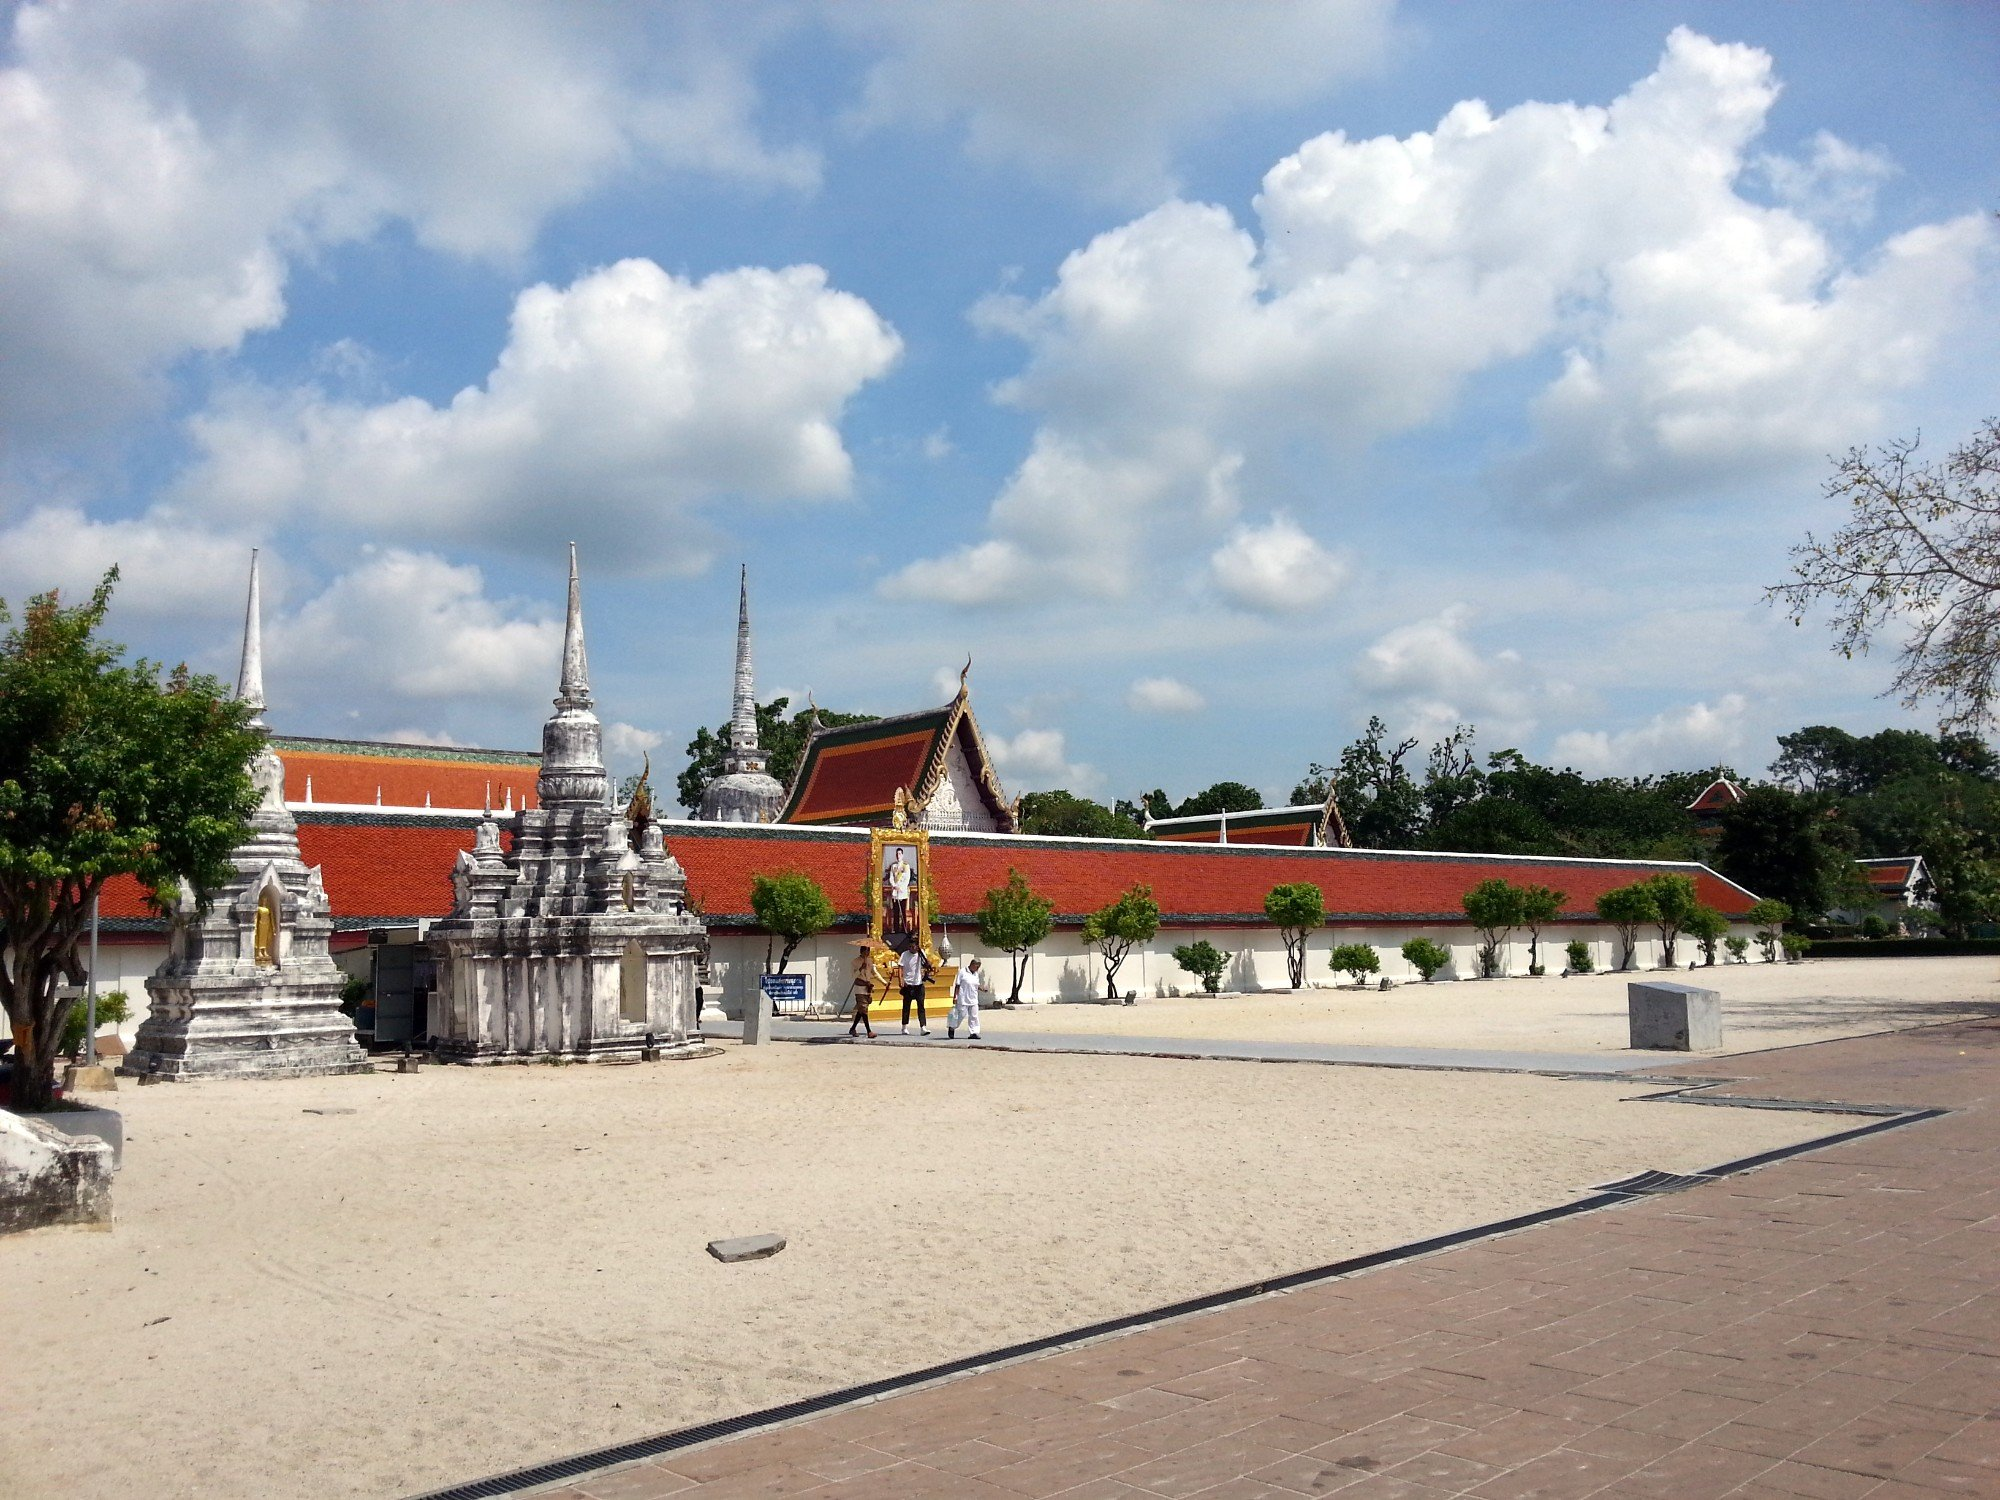 Wall around the chedi at Wat Phra Mahathat